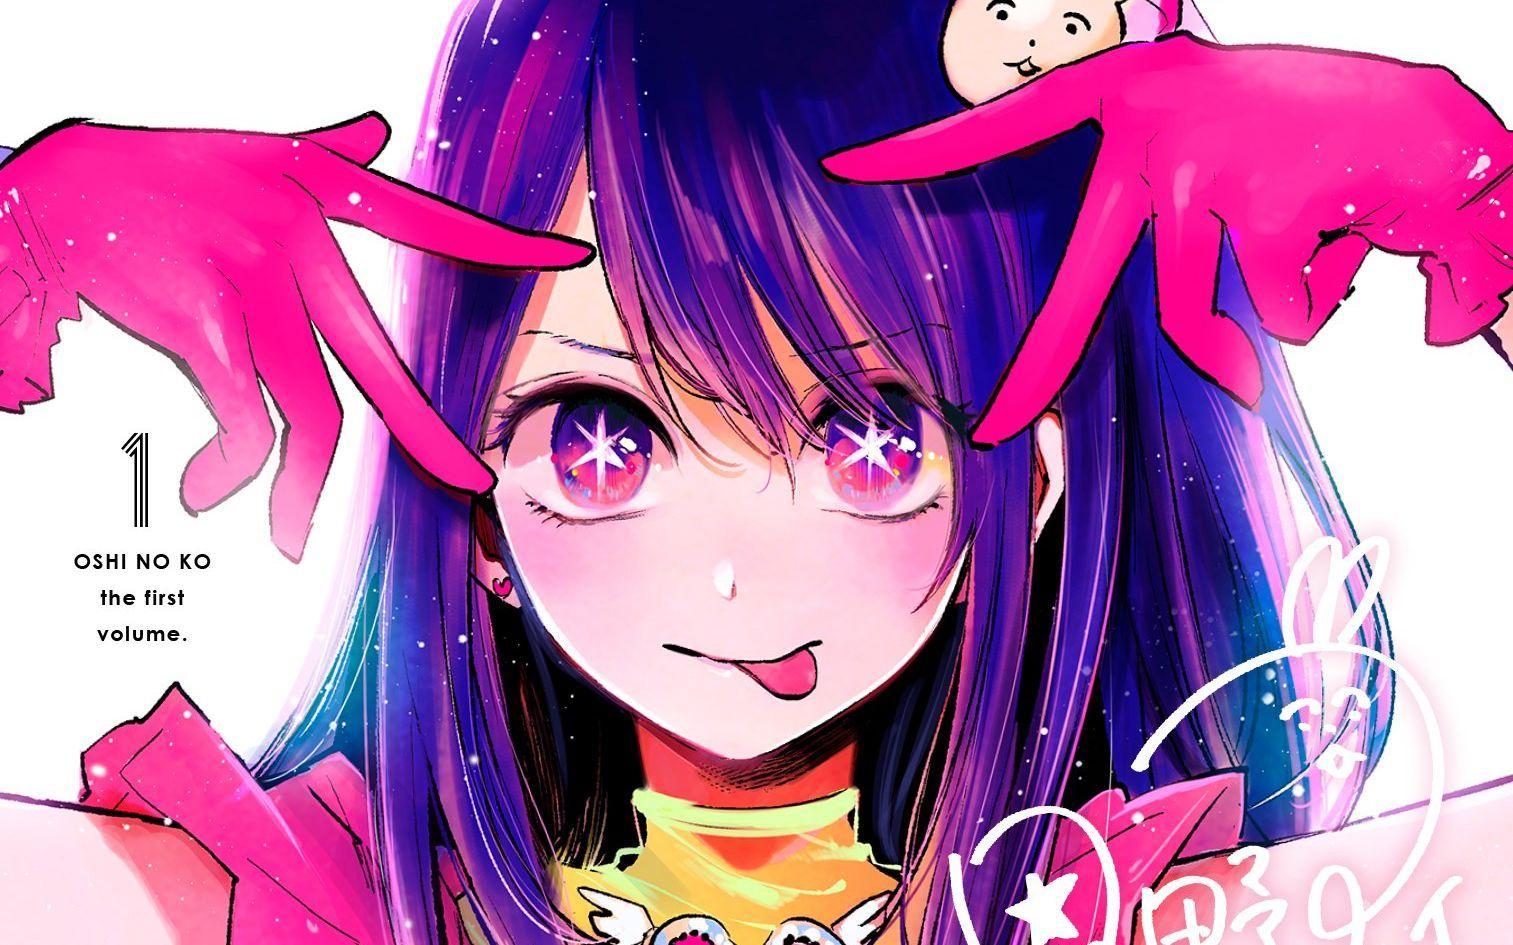 赤坂明×横枪萌果漫画《我推的孩子》第1卷发售纪念PV公开